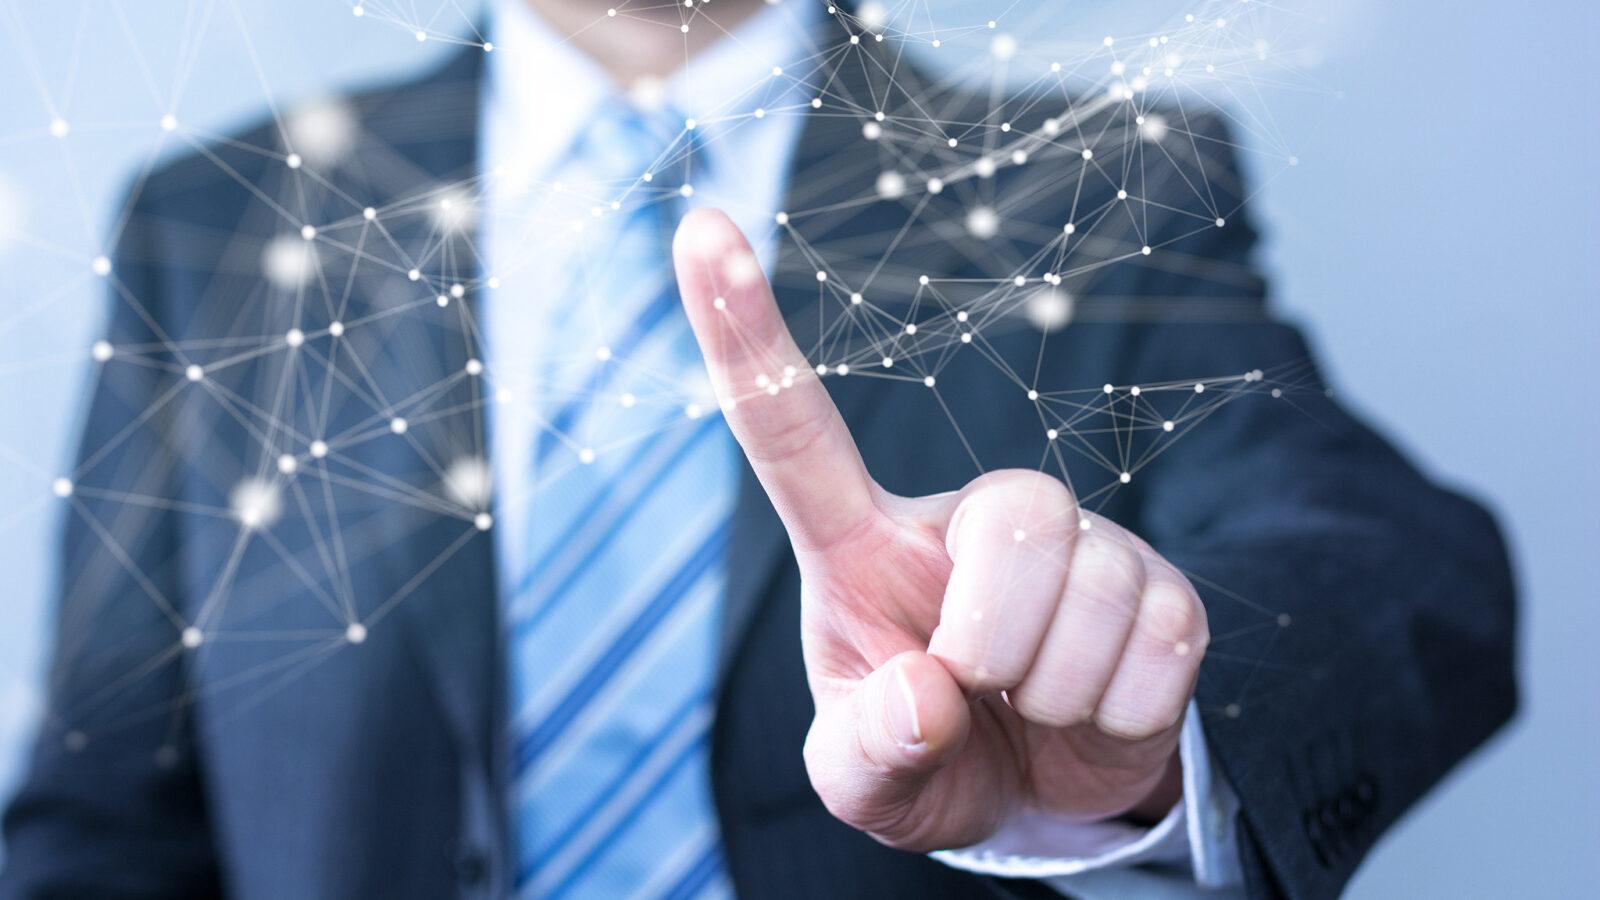 از فضای مجازی با طراحی کاتالوگ آنلاین برای جذب مشتریان دائم استفاده نمایید.